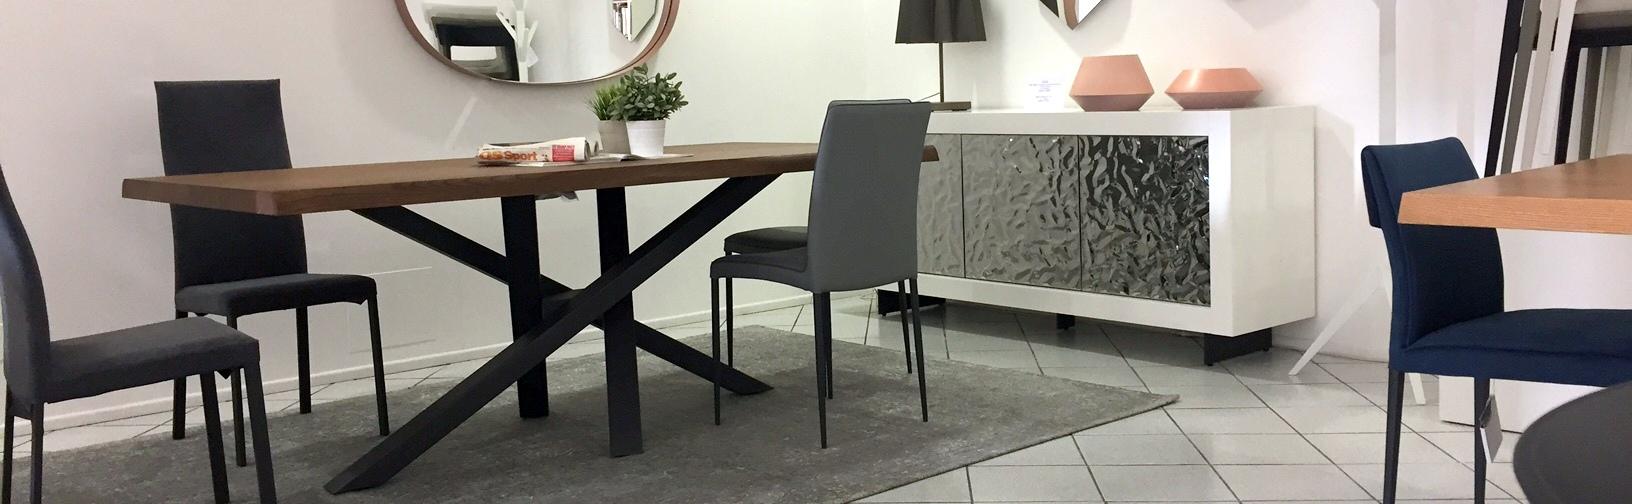 Mobili design bologna mobili usati per cucina bologna for Gamberini arredamenti